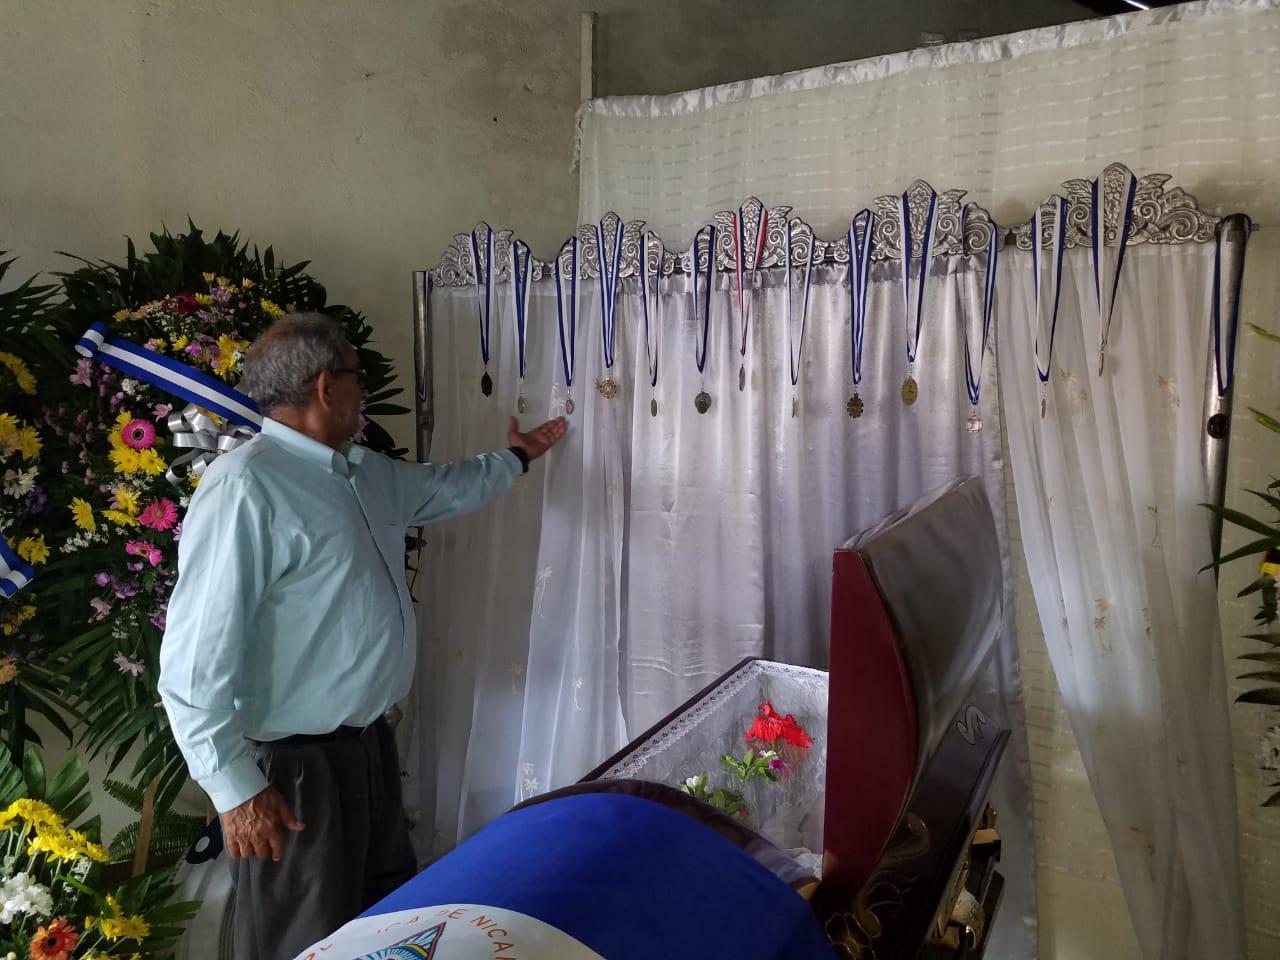 El Gobierno de Nicaragua cifra en 197 los muertos durante las protestas.